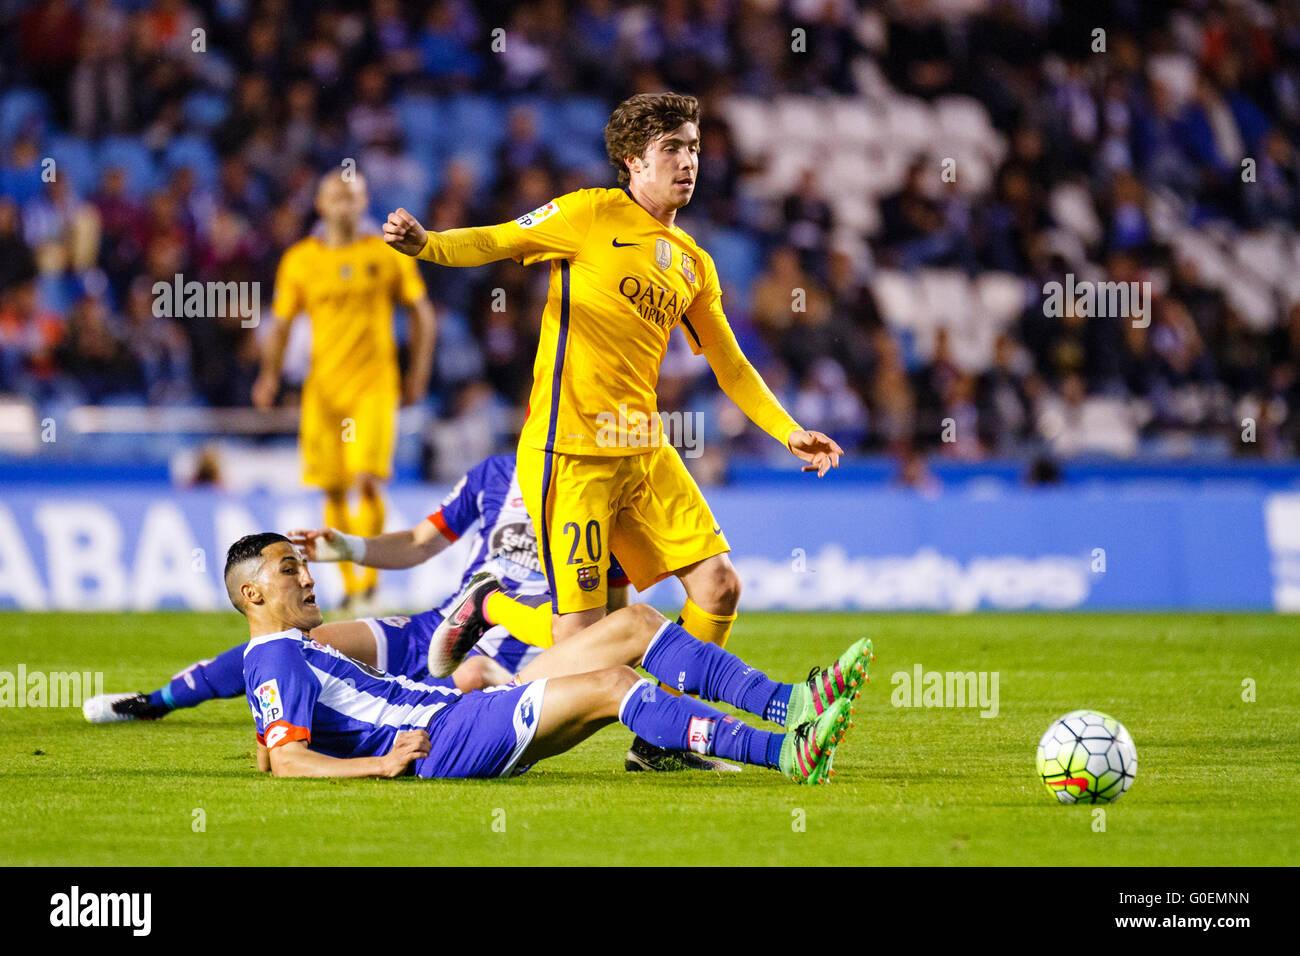 Fayçal Fayr roba el balón a Sergi Roberto durante la Liga BBVA partido  entre el RC Deportivo de La Coruña y el FC Barcelona en el Estadio de Riazor  el 20 de ... 4171f84a32391